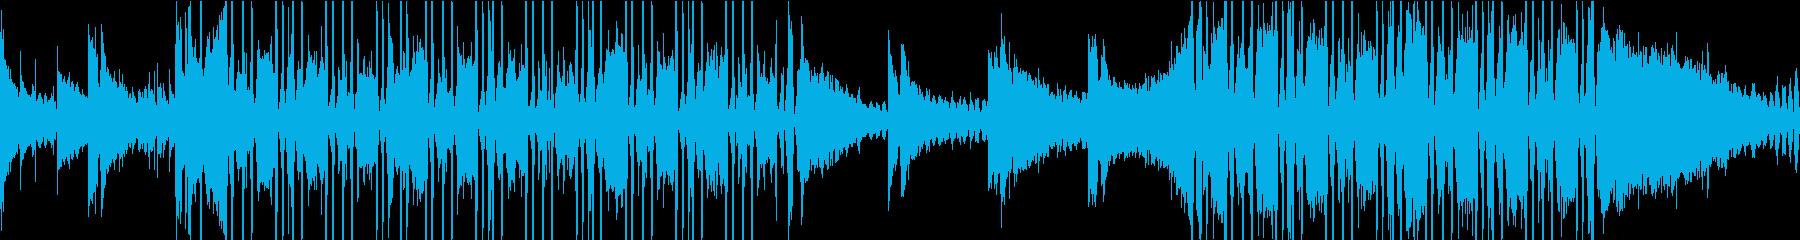 まどろむようなLofiヒップホップの再生済みの波形